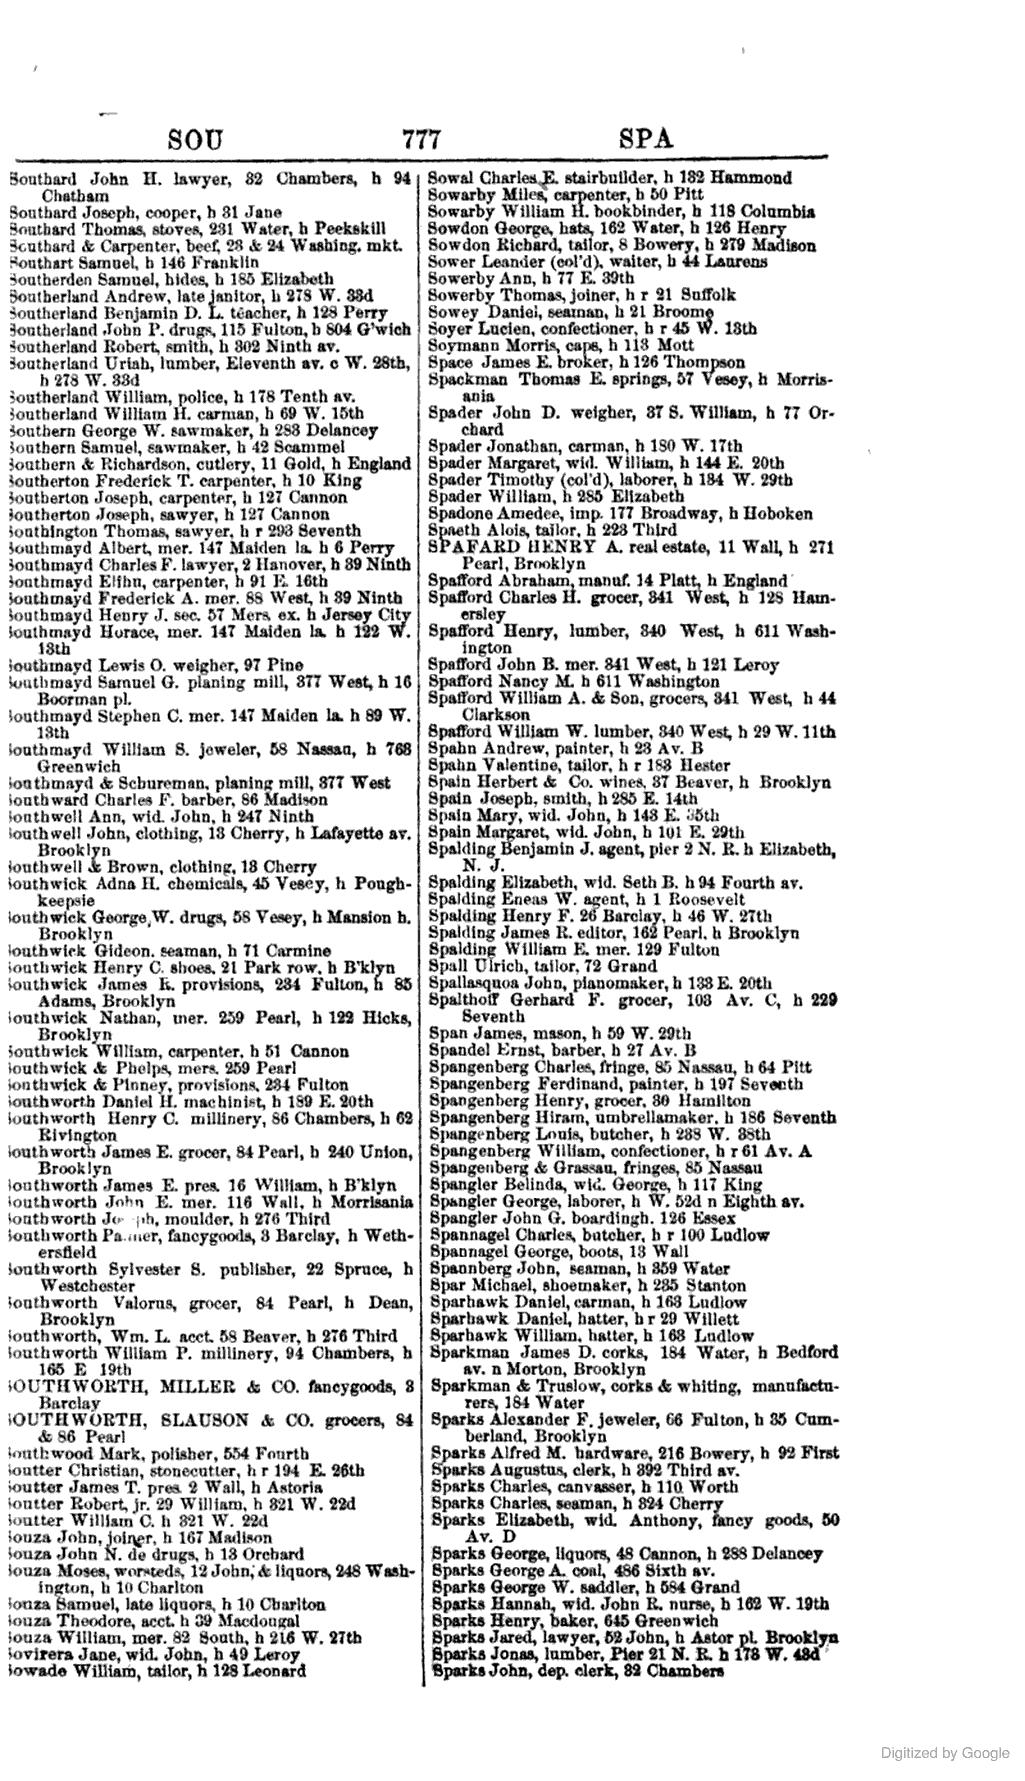 [1858] SPADONE, Amedee. IMPORTER, 177 Broadway, h